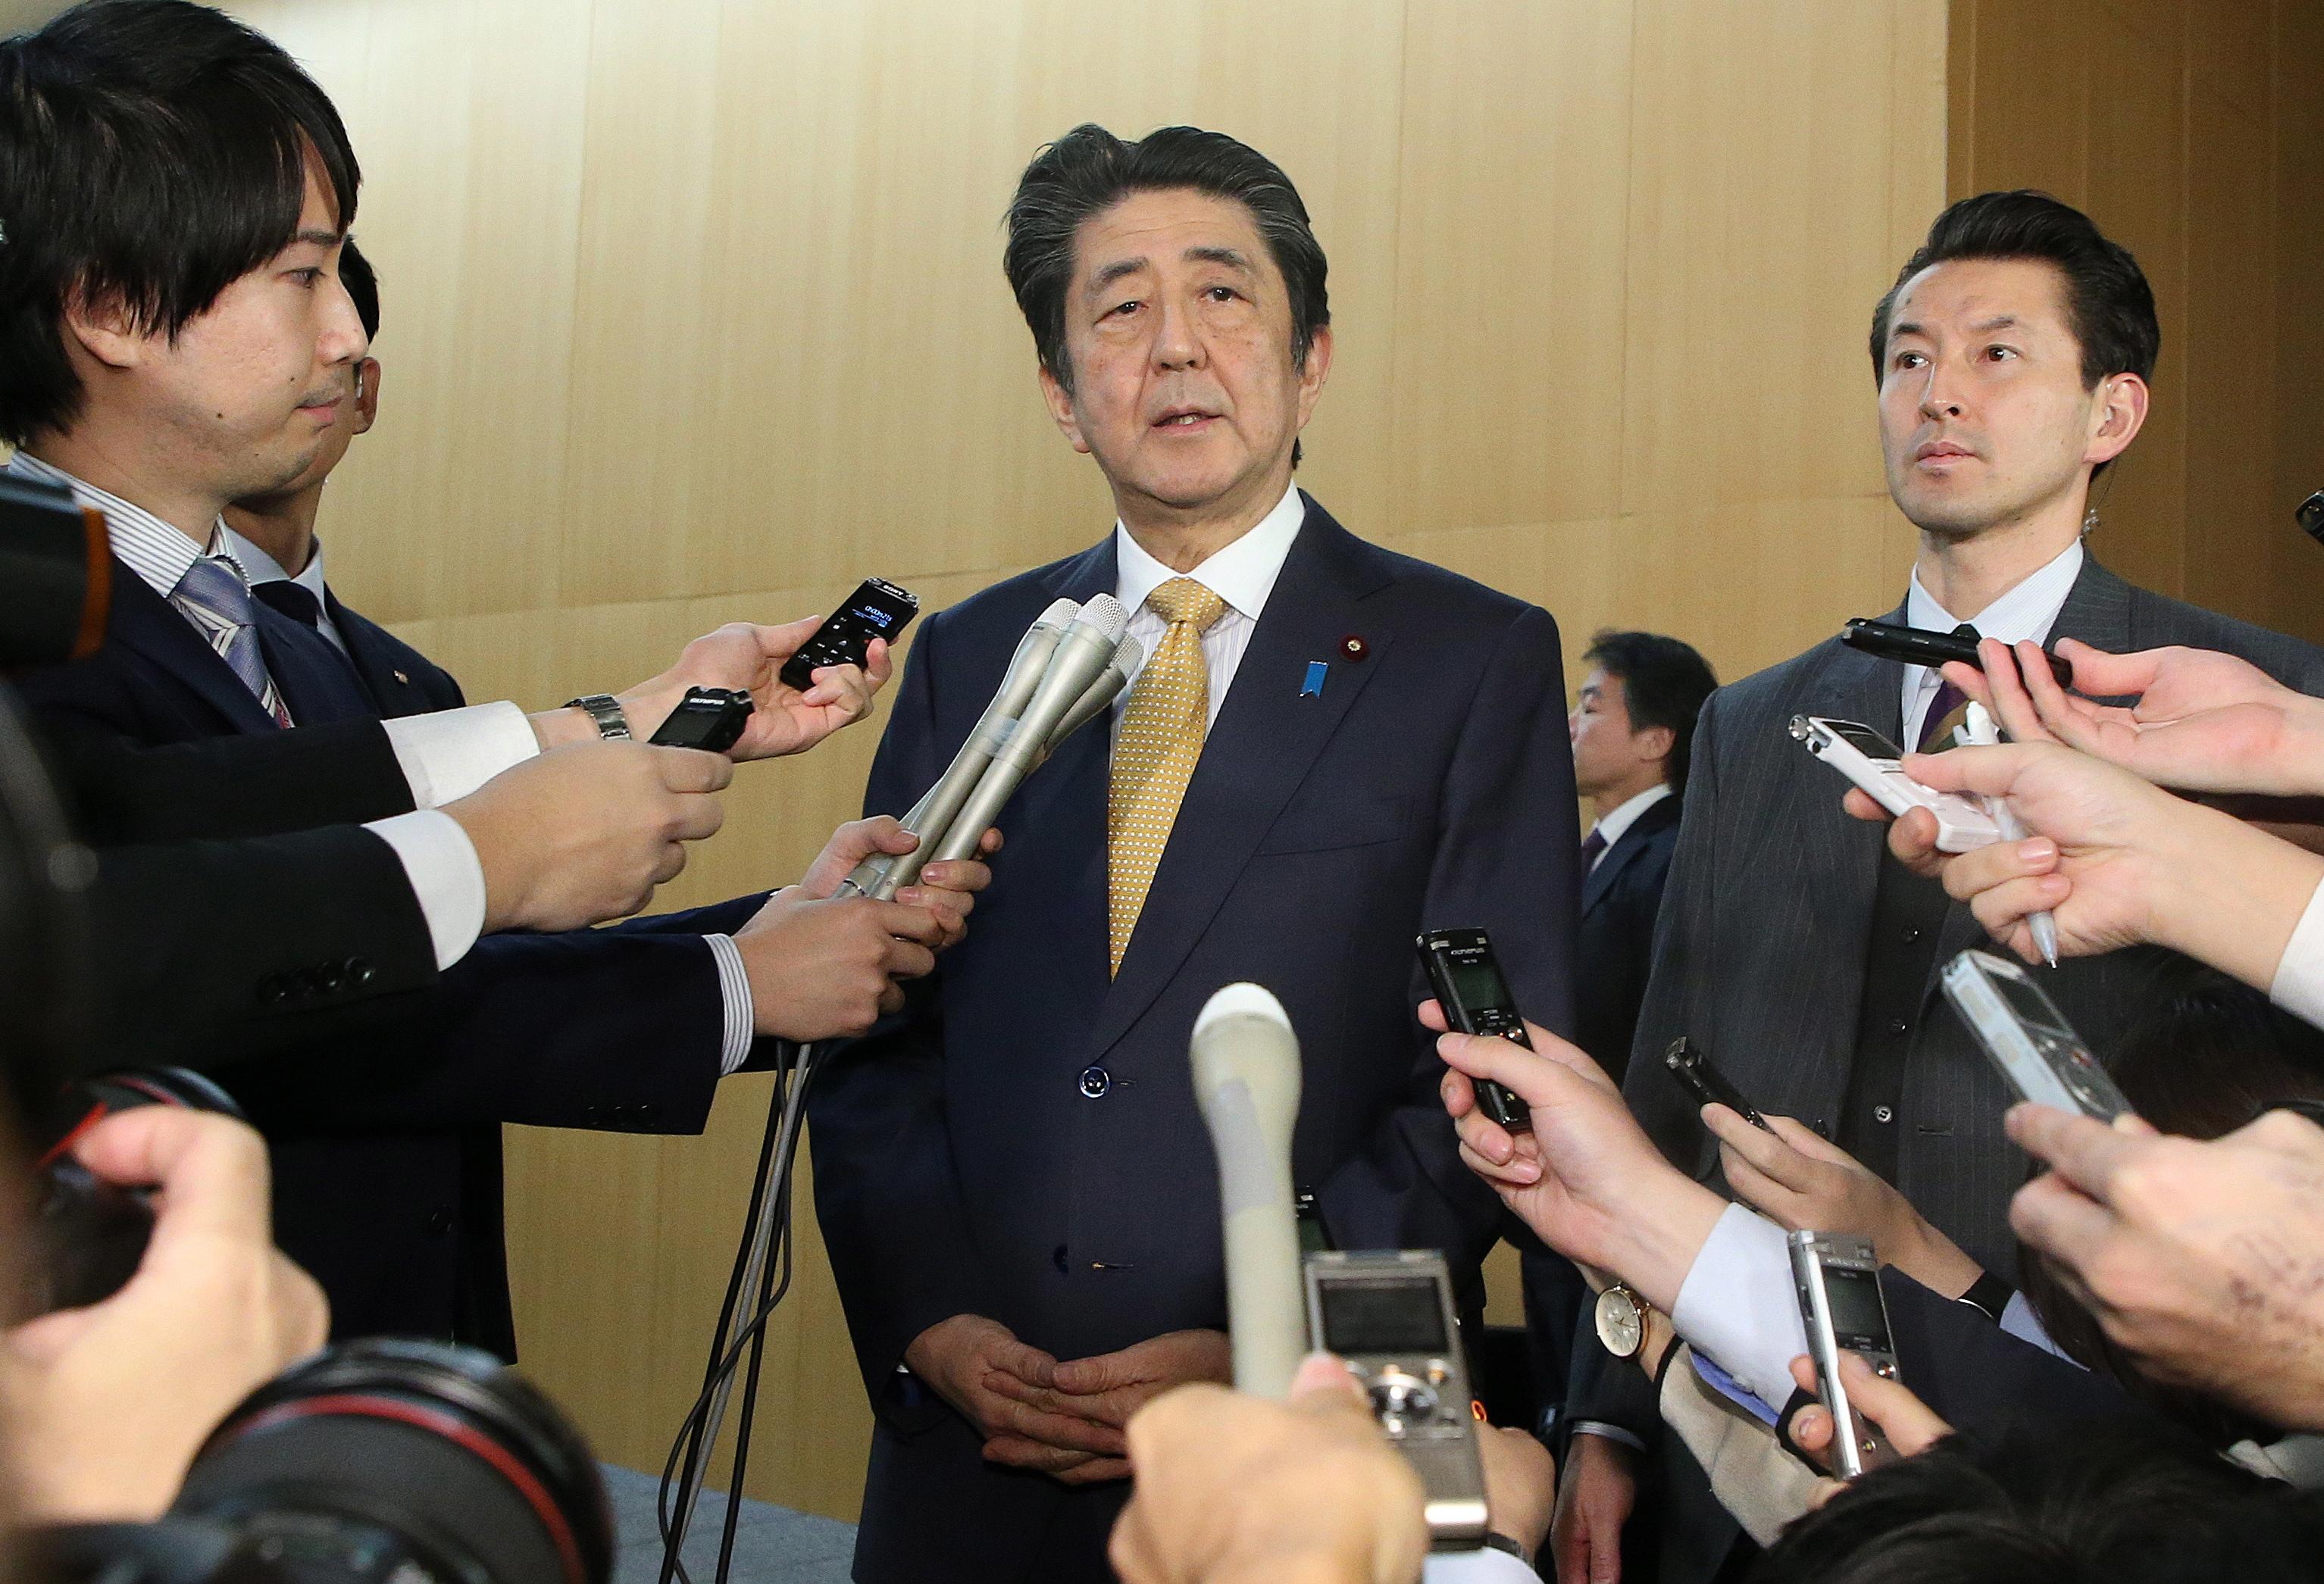 PM japonês lança plano de apoio à economia do Japão